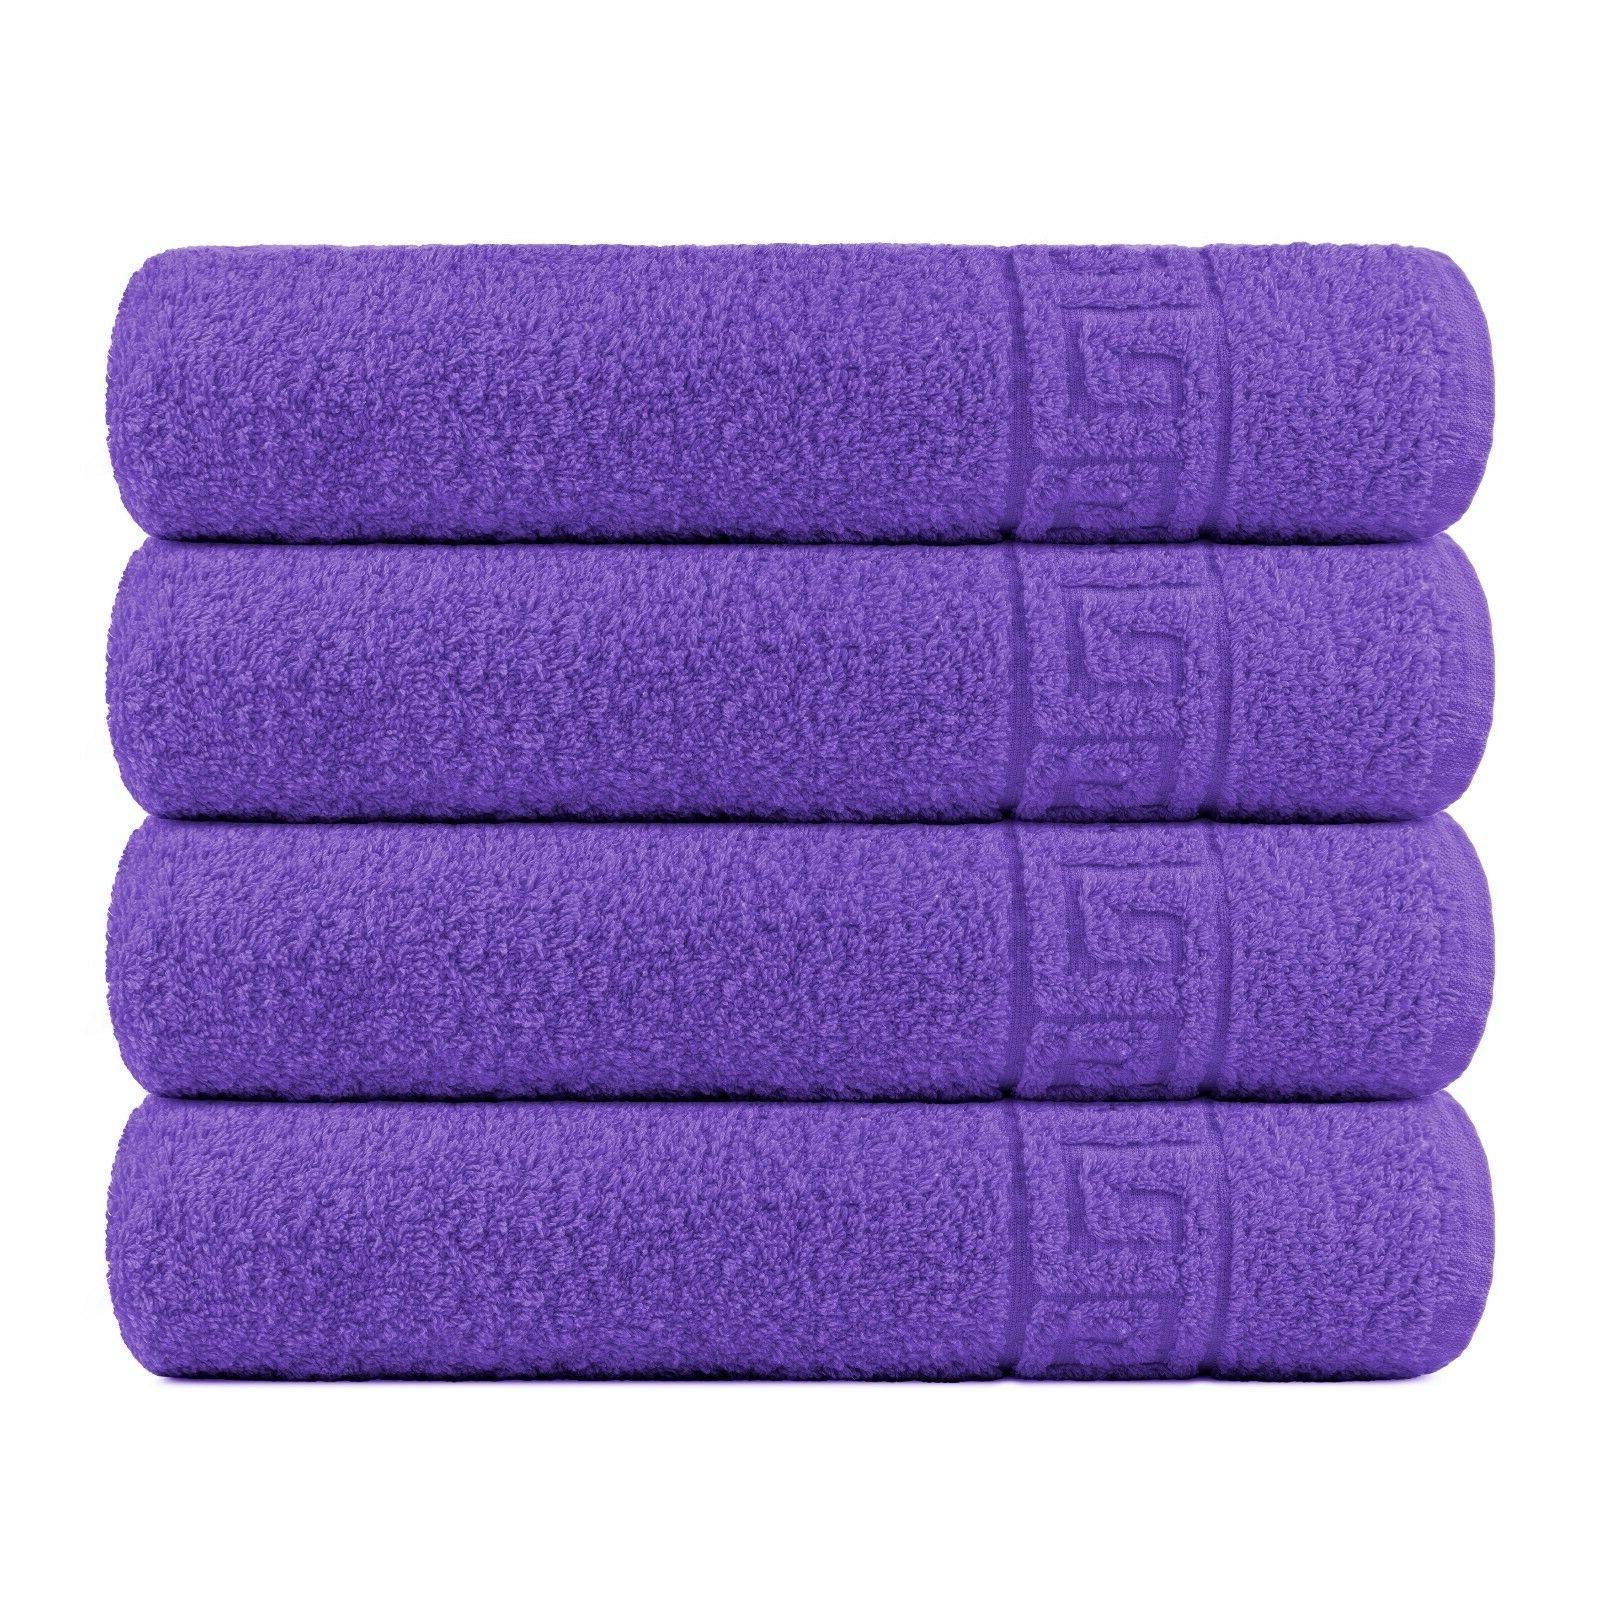 Bath Towel Absorbent Contex